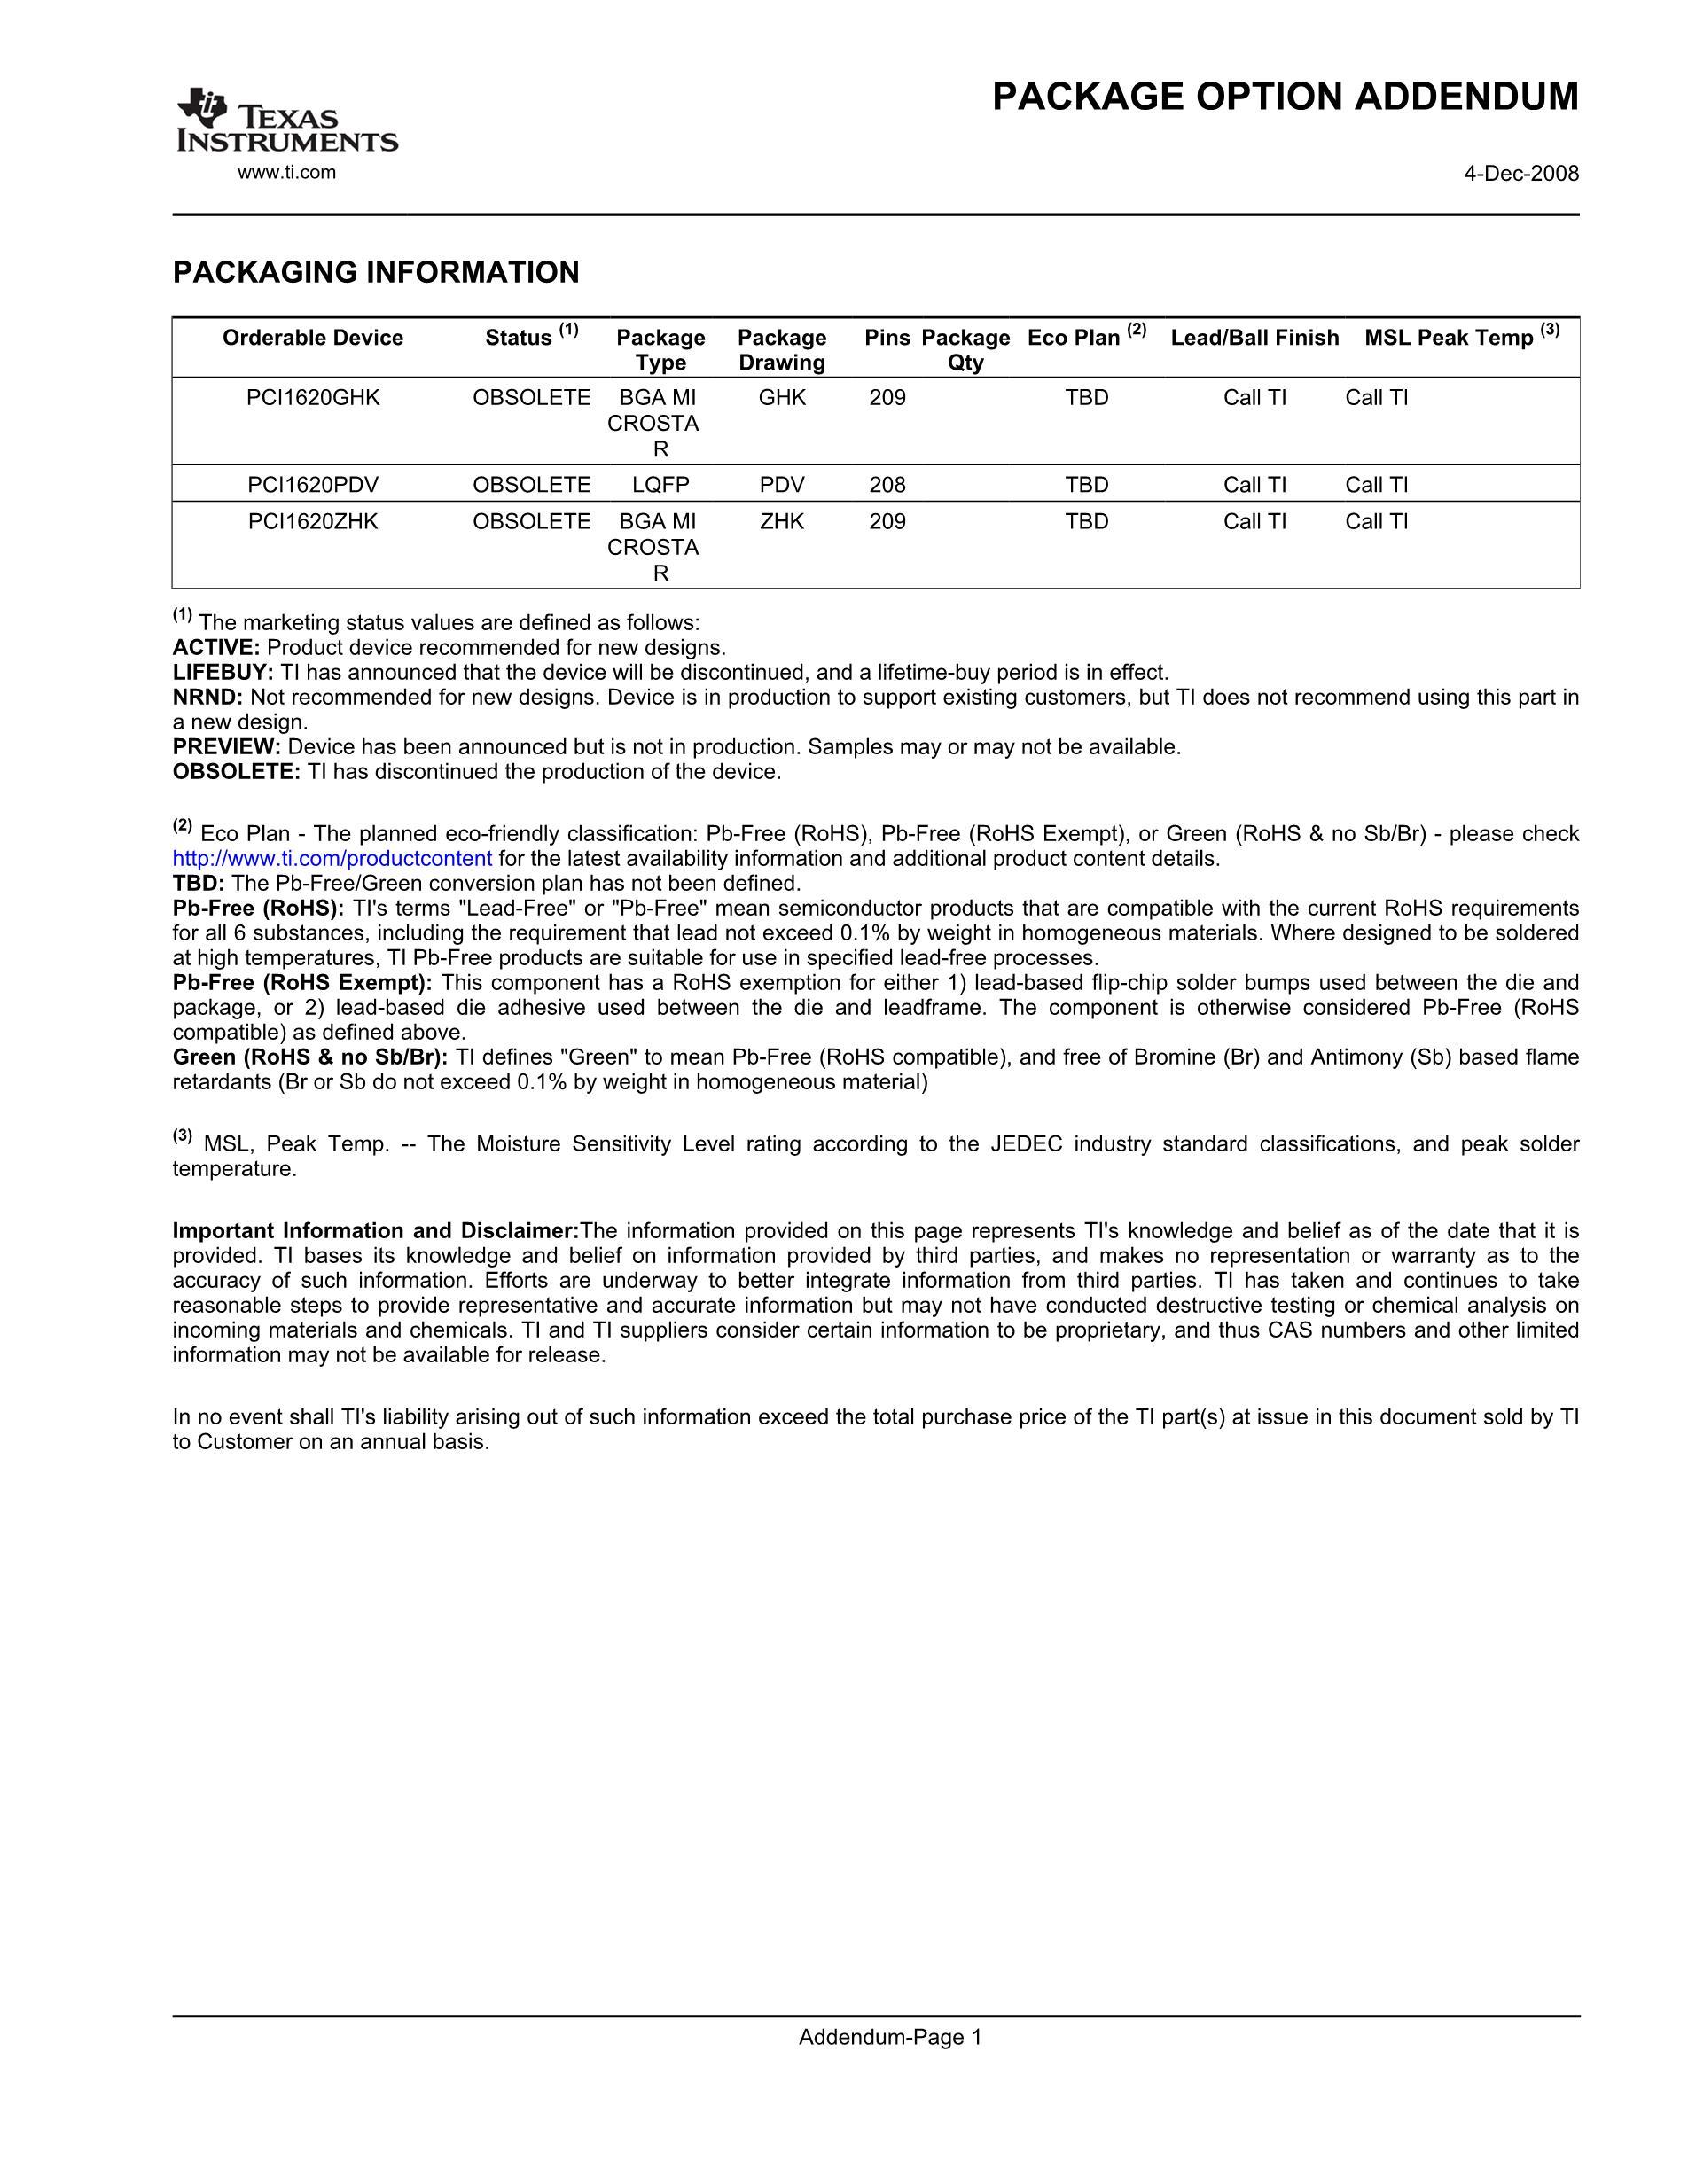 PCI1520IZHK's pdf picture 3